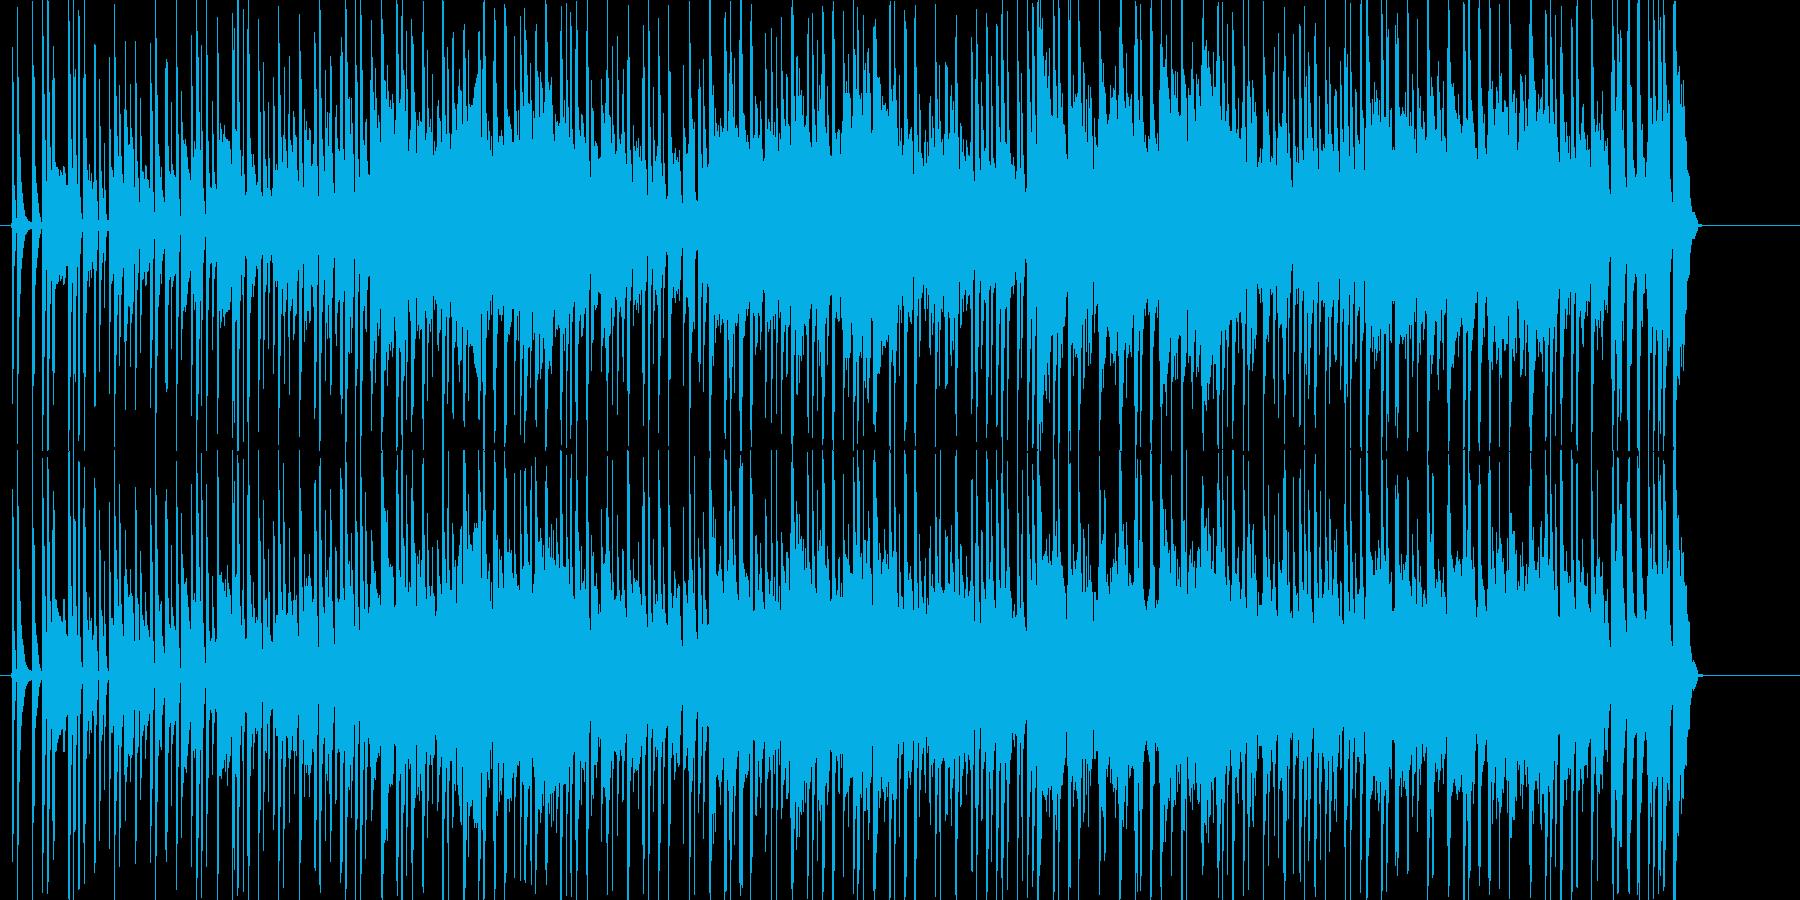 気だるく怪しいムードを演出するファンクの再生済みの波形